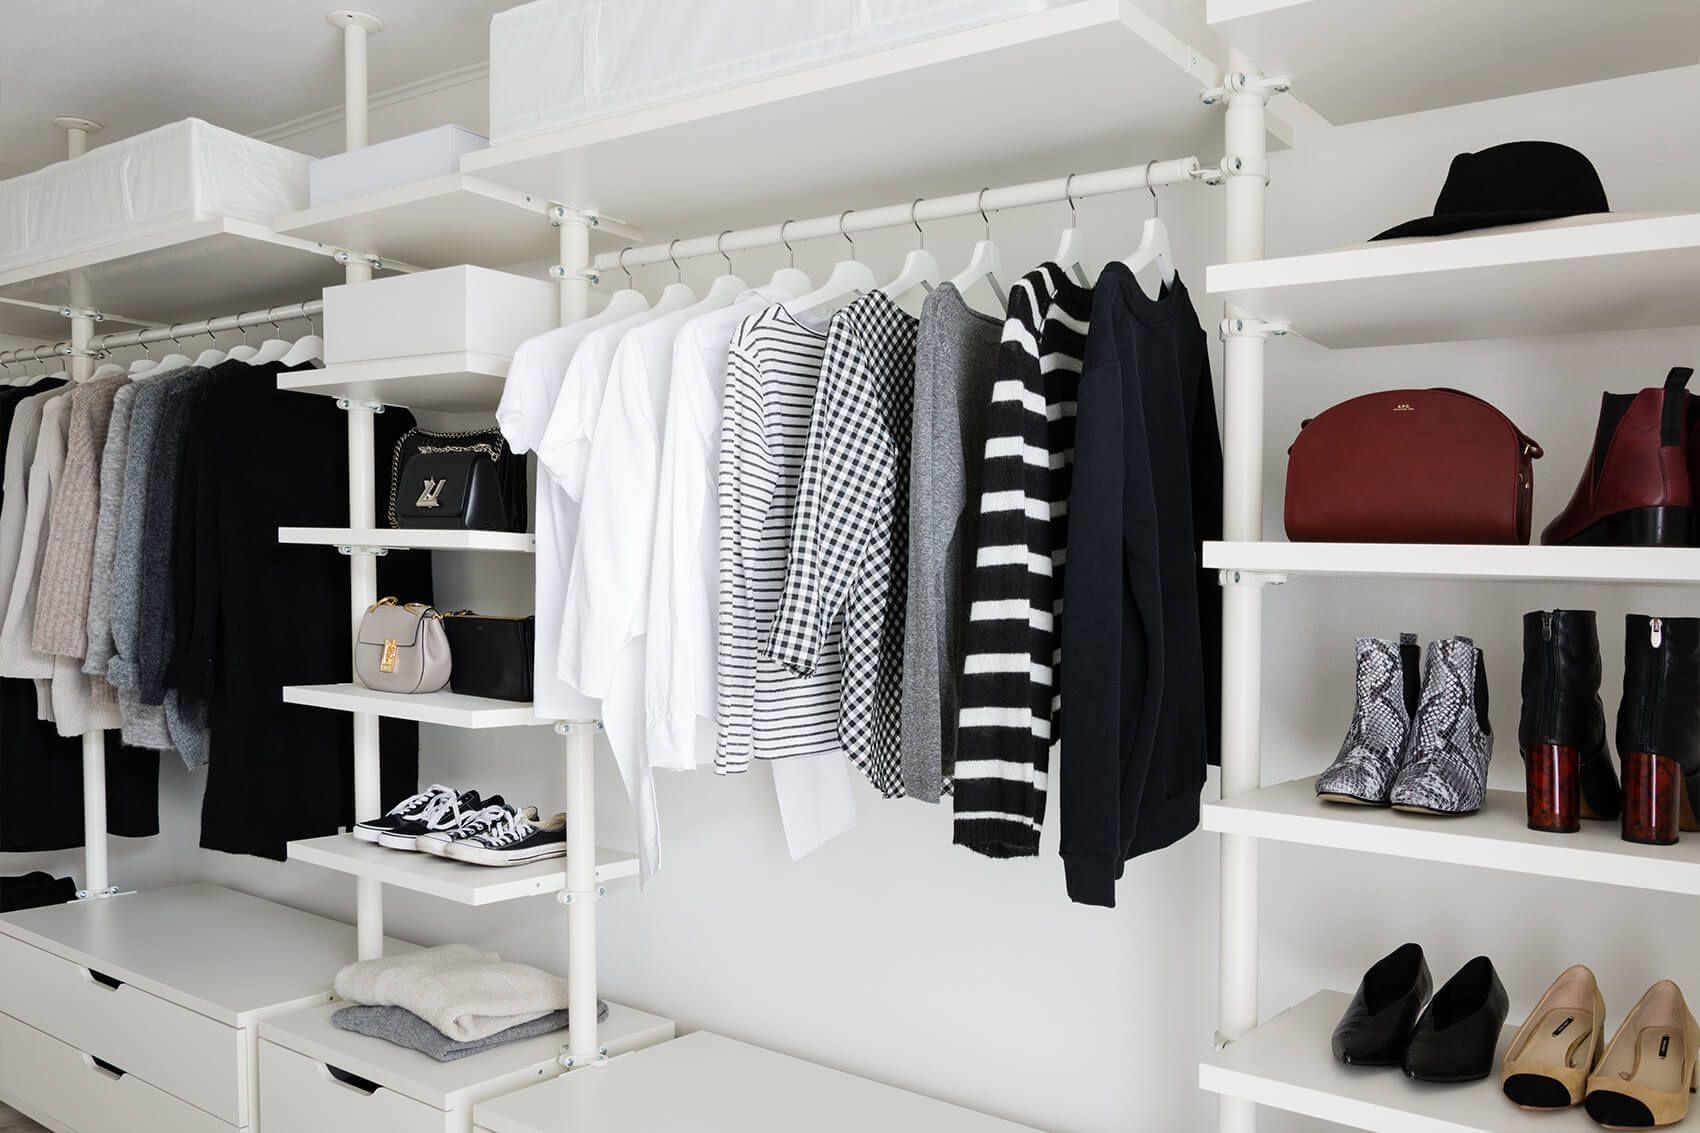 Ankleidezimmer Offener Kleiderschrank Ikea Stolmen Closet